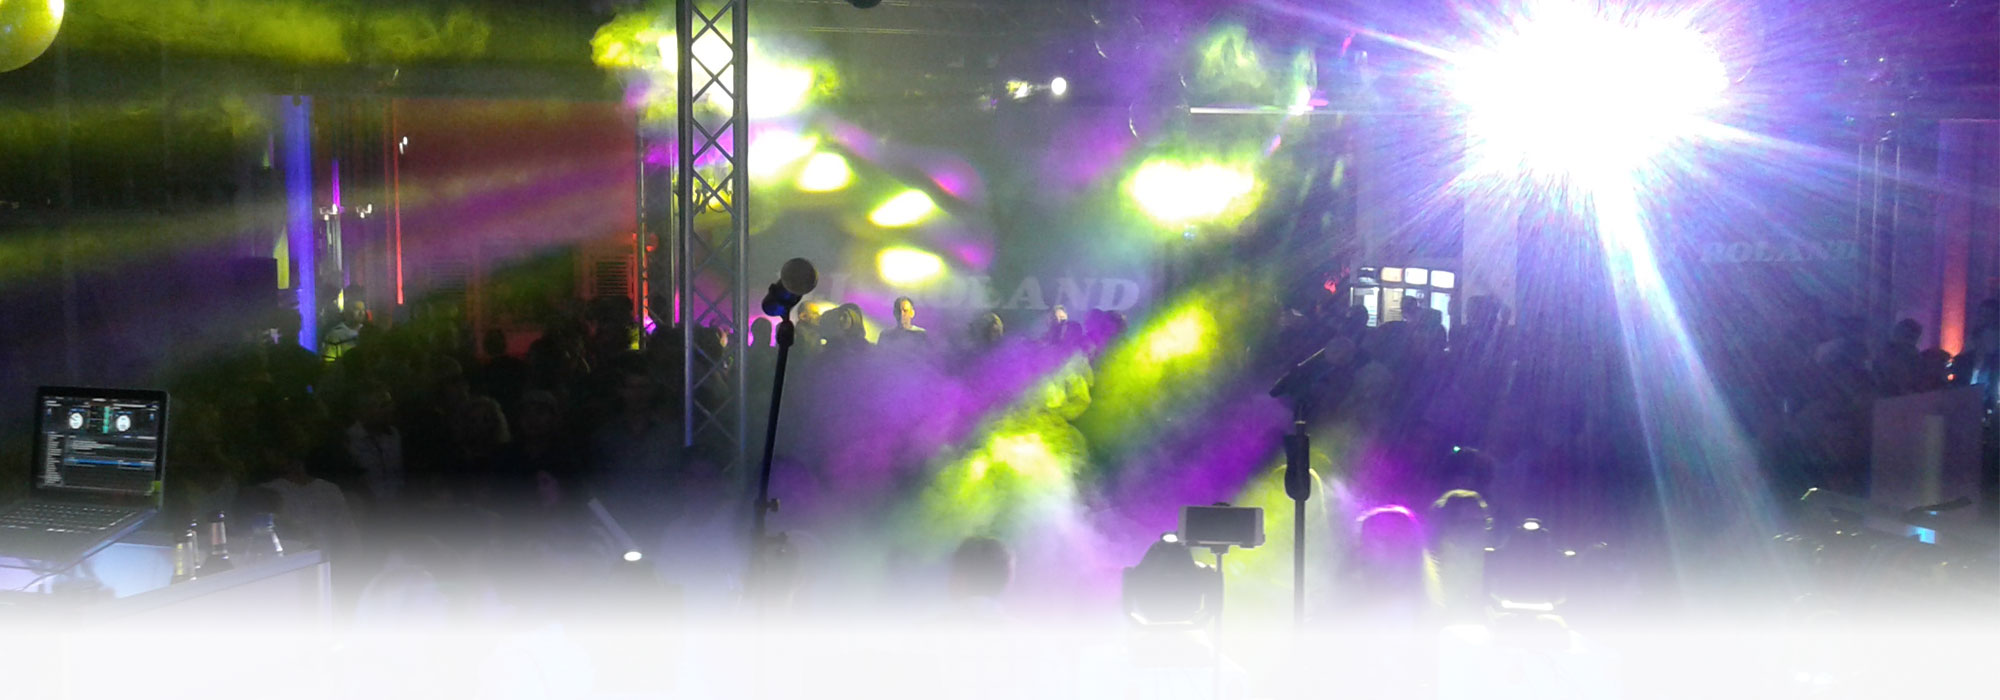 Partyworker.de | Ton-, Video- & Lichttechnik